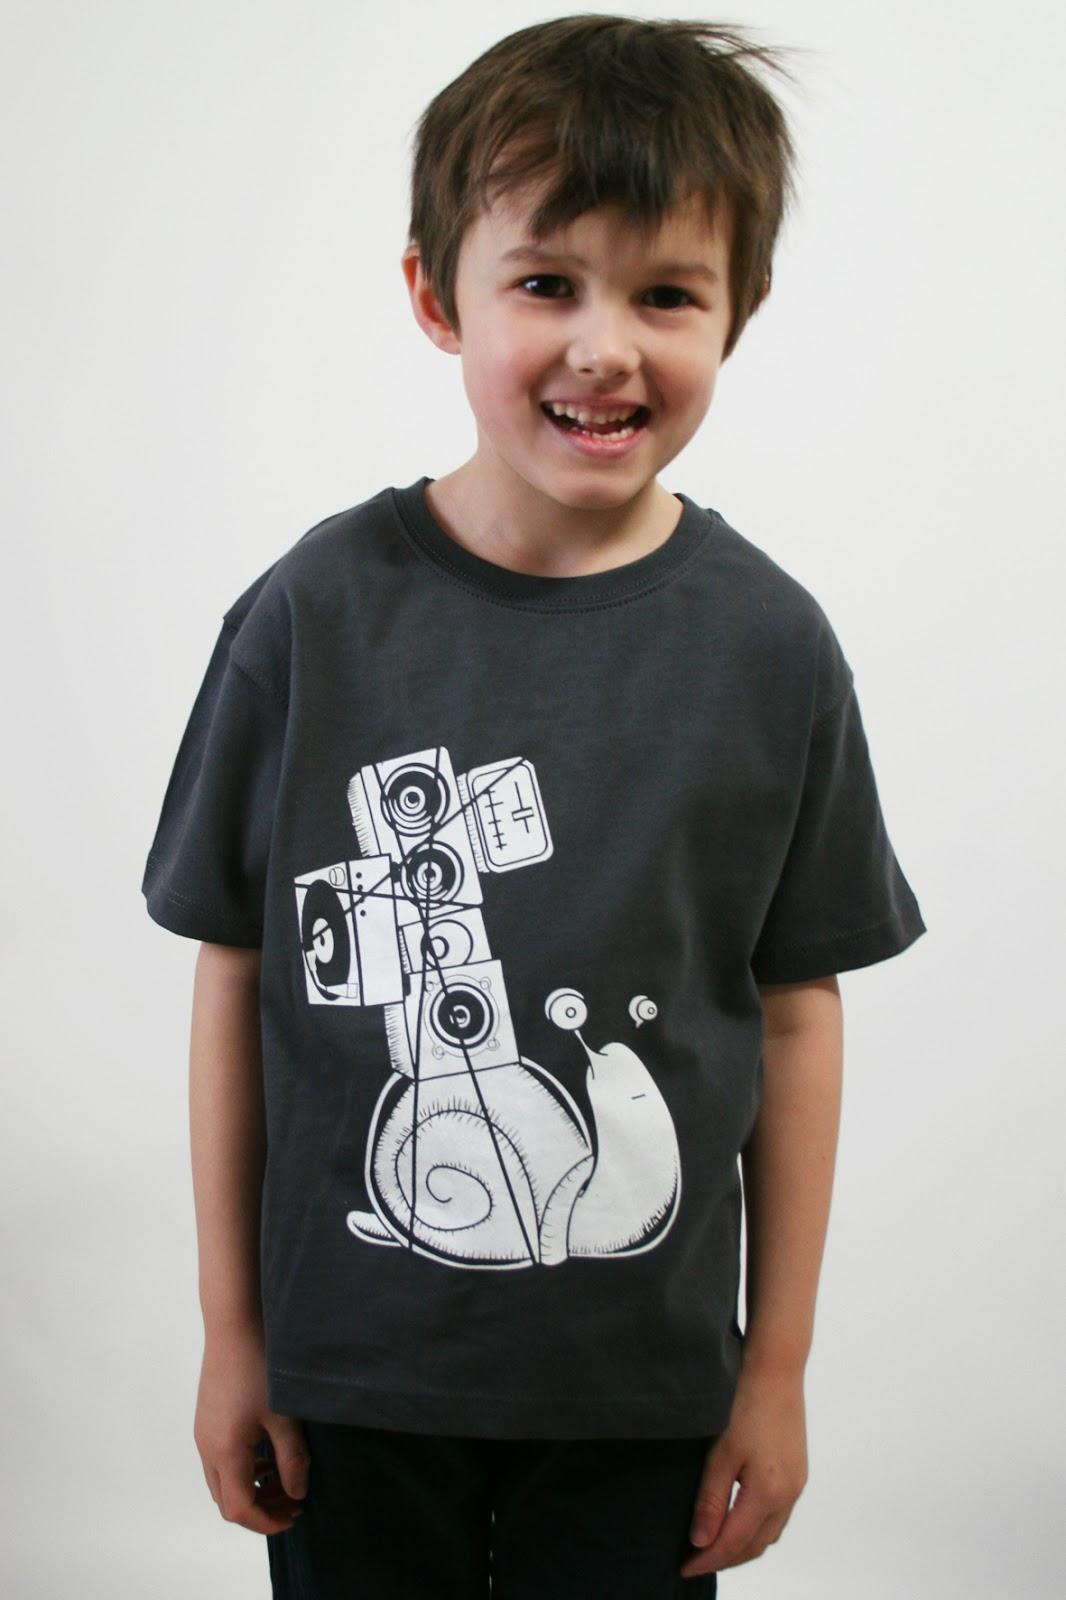 Kindershirt mit Soundschnecke in grau